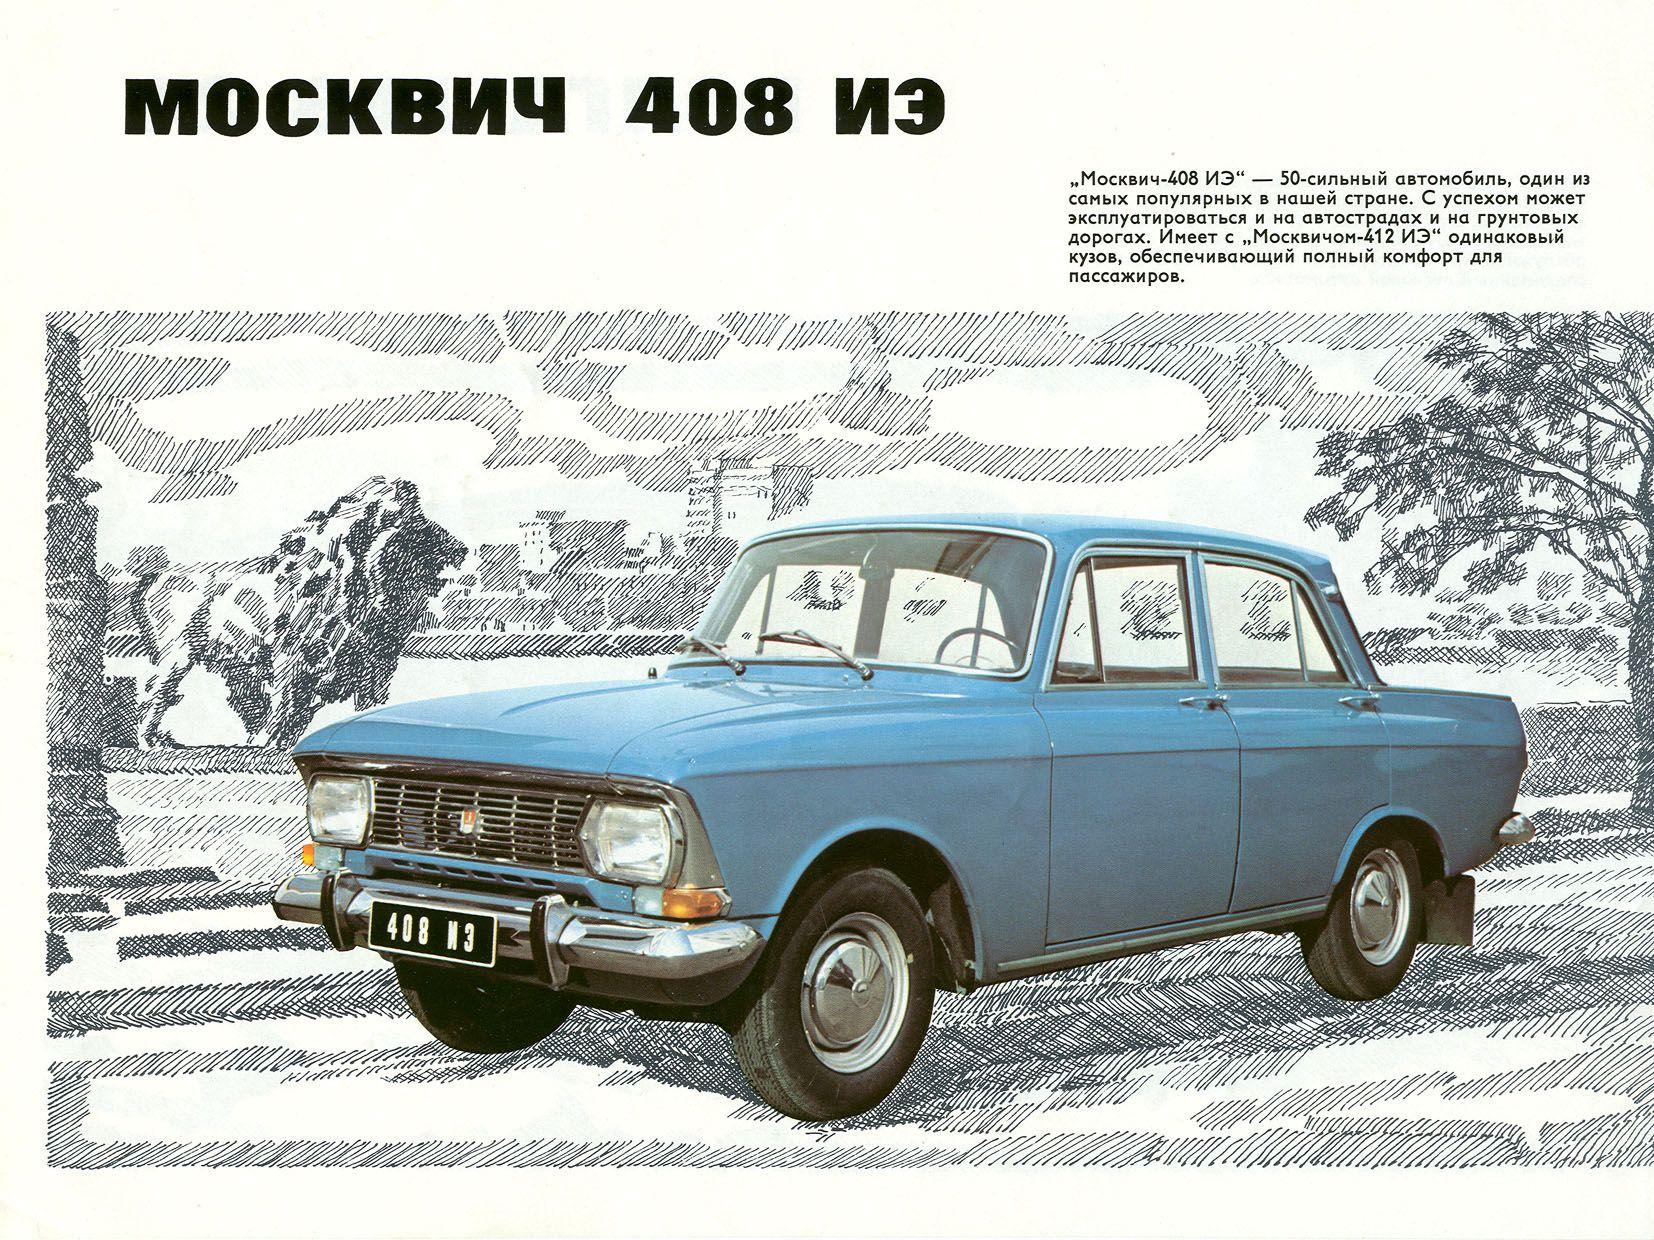 Moskvitch_408.jpg (1654×1240) | Cars USSR №1 | Pinterest | alte ...